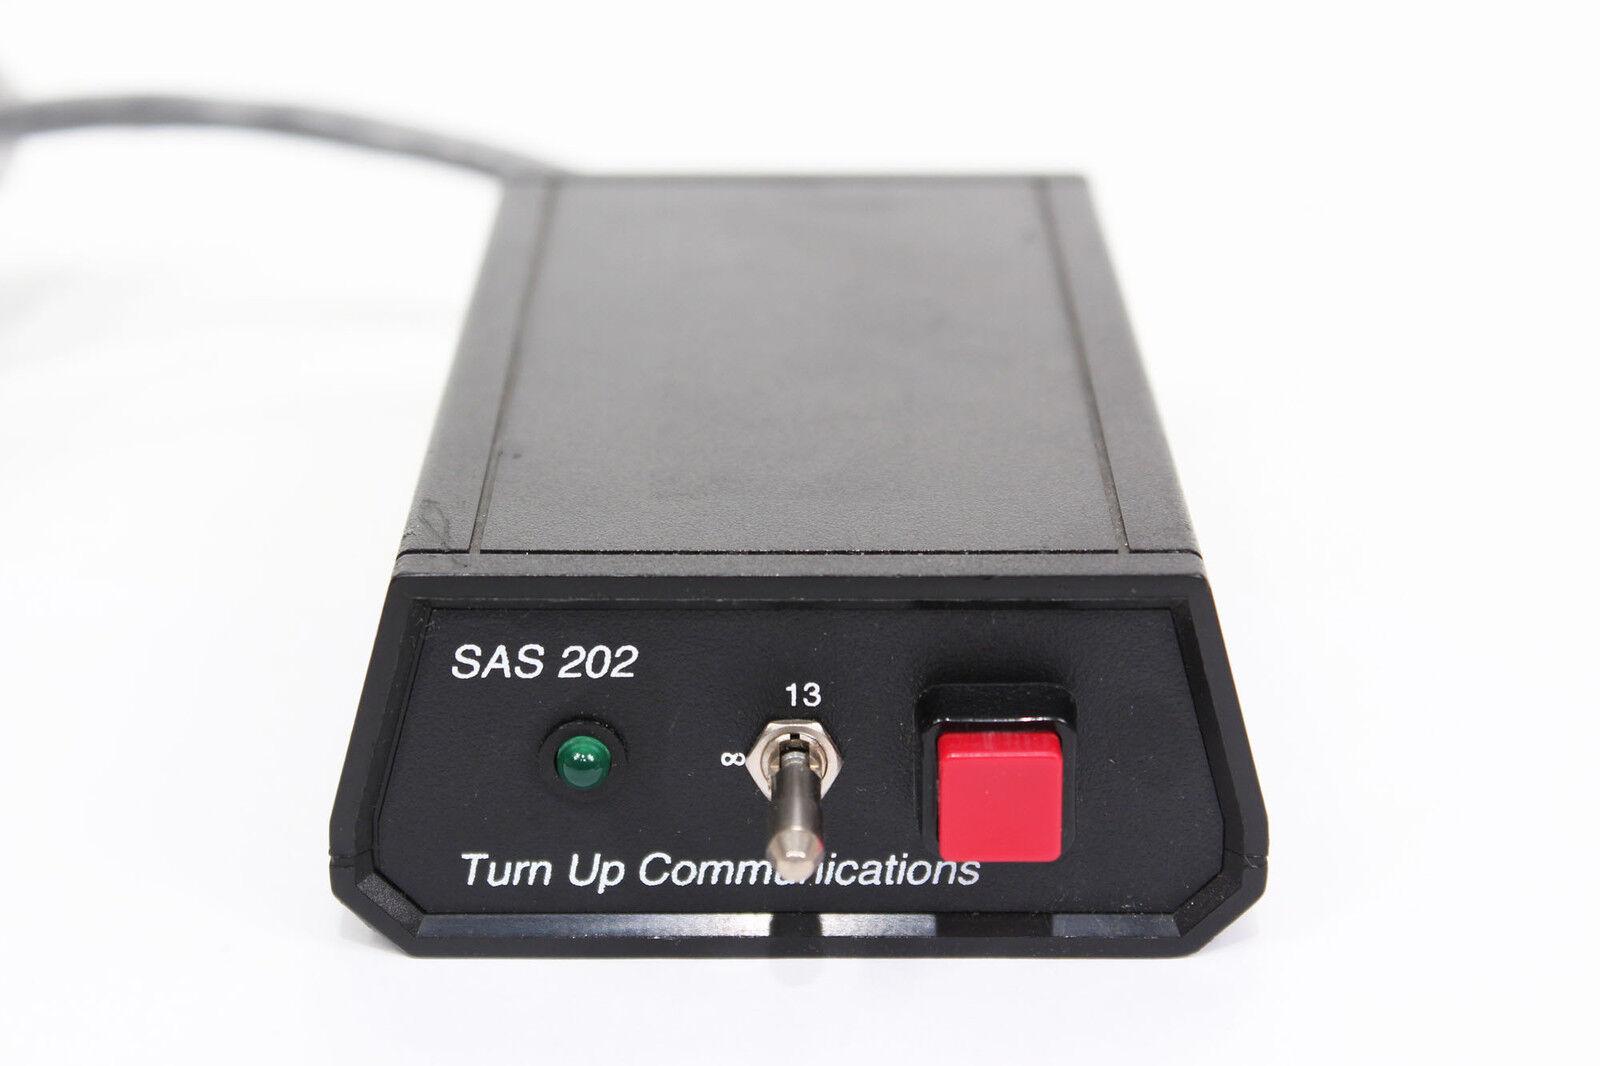 Realce comunicaciones SAS-202 alargados alargados alargados del código de tiempo para DA-88  Entrega gratuita y rápida disponible.